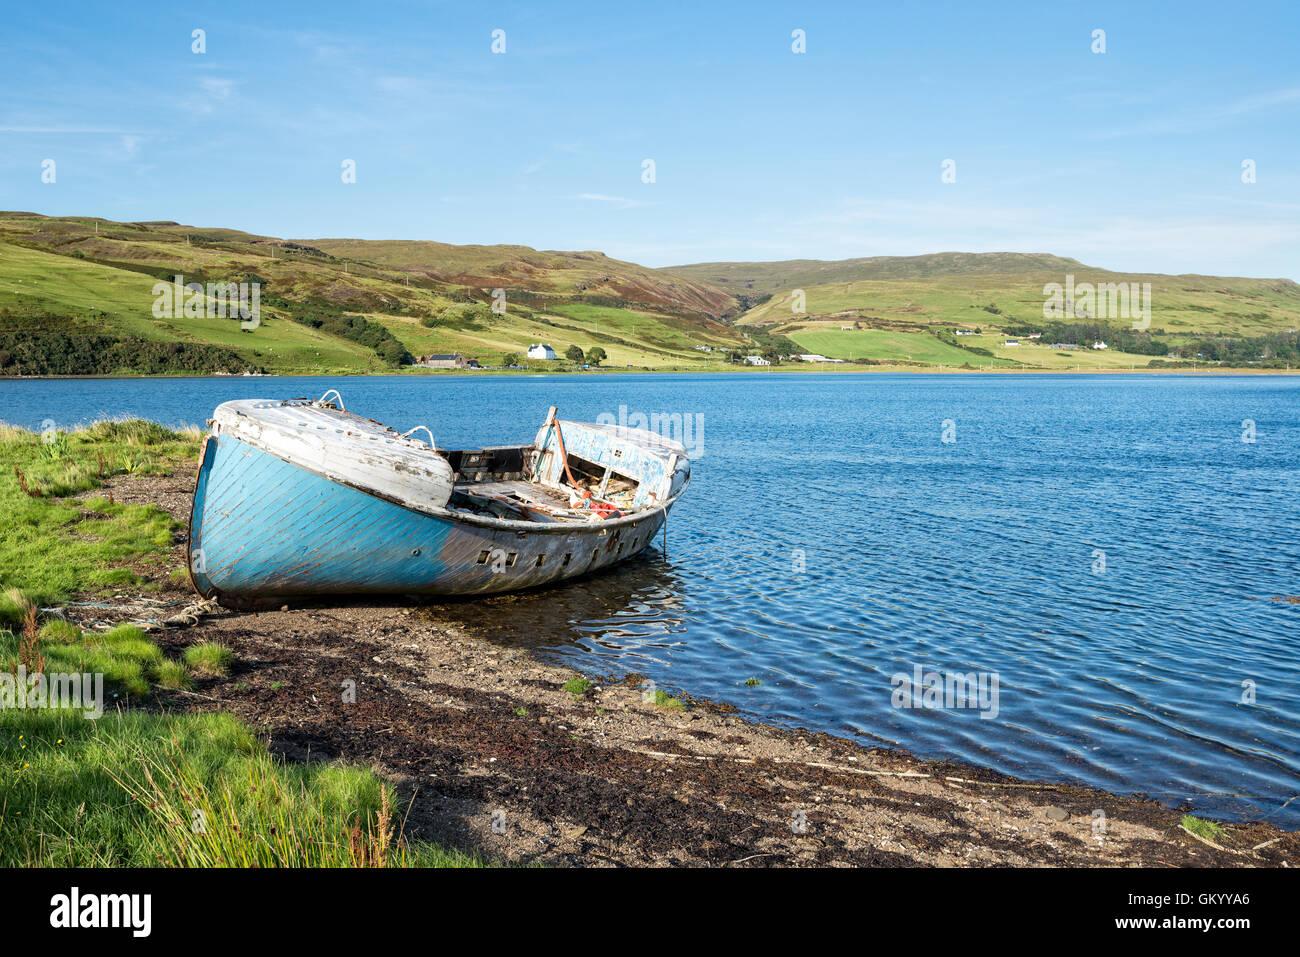 Un vieux bateau de pêche sur les rives du Loch Harport près de Drynoch sur l'île de Skye en Ecosse Photo Stock